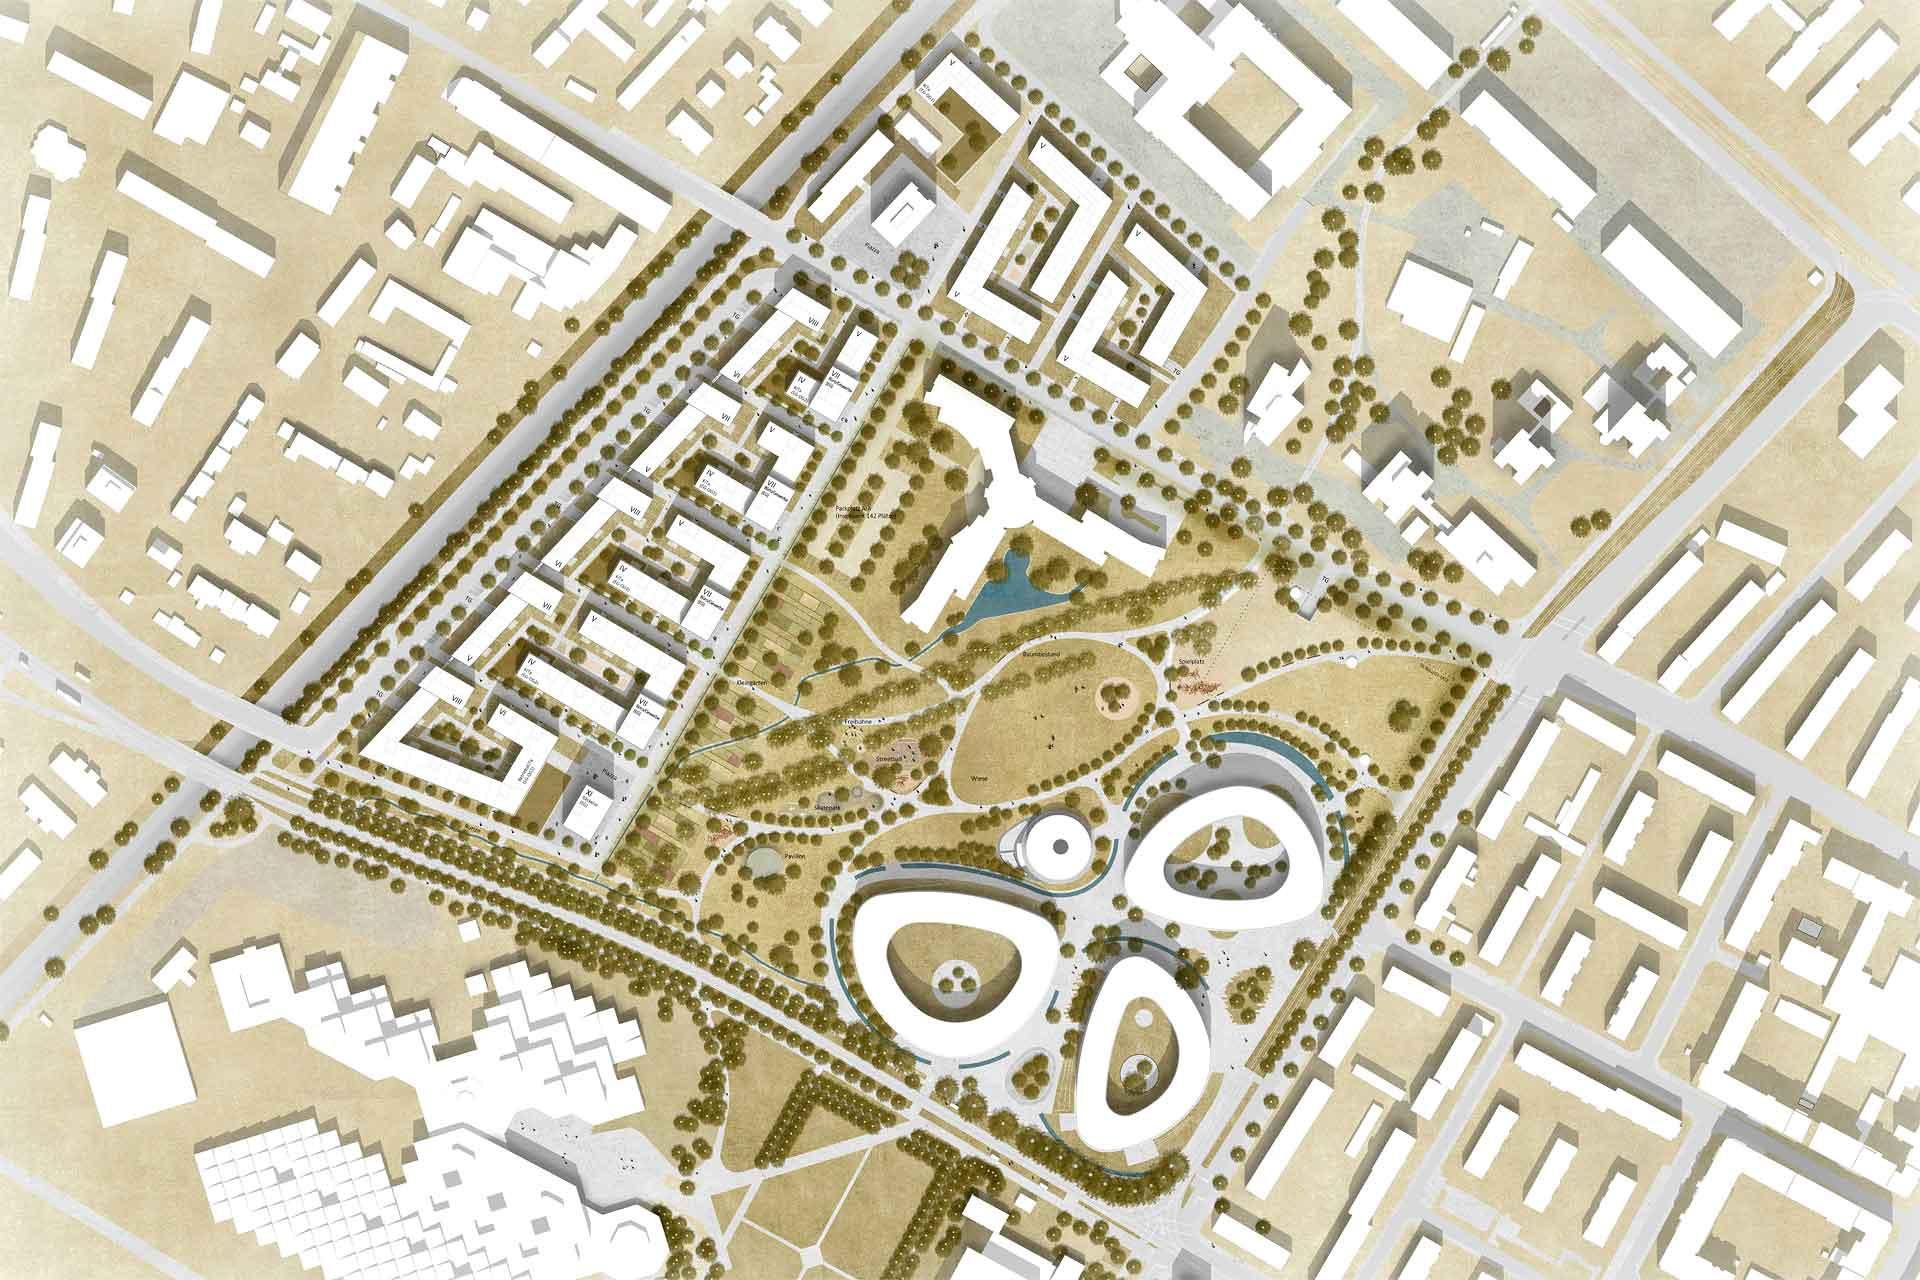 Vogelperspektive Städtbaulicher Entwurf Kleineschholz in Freiburg